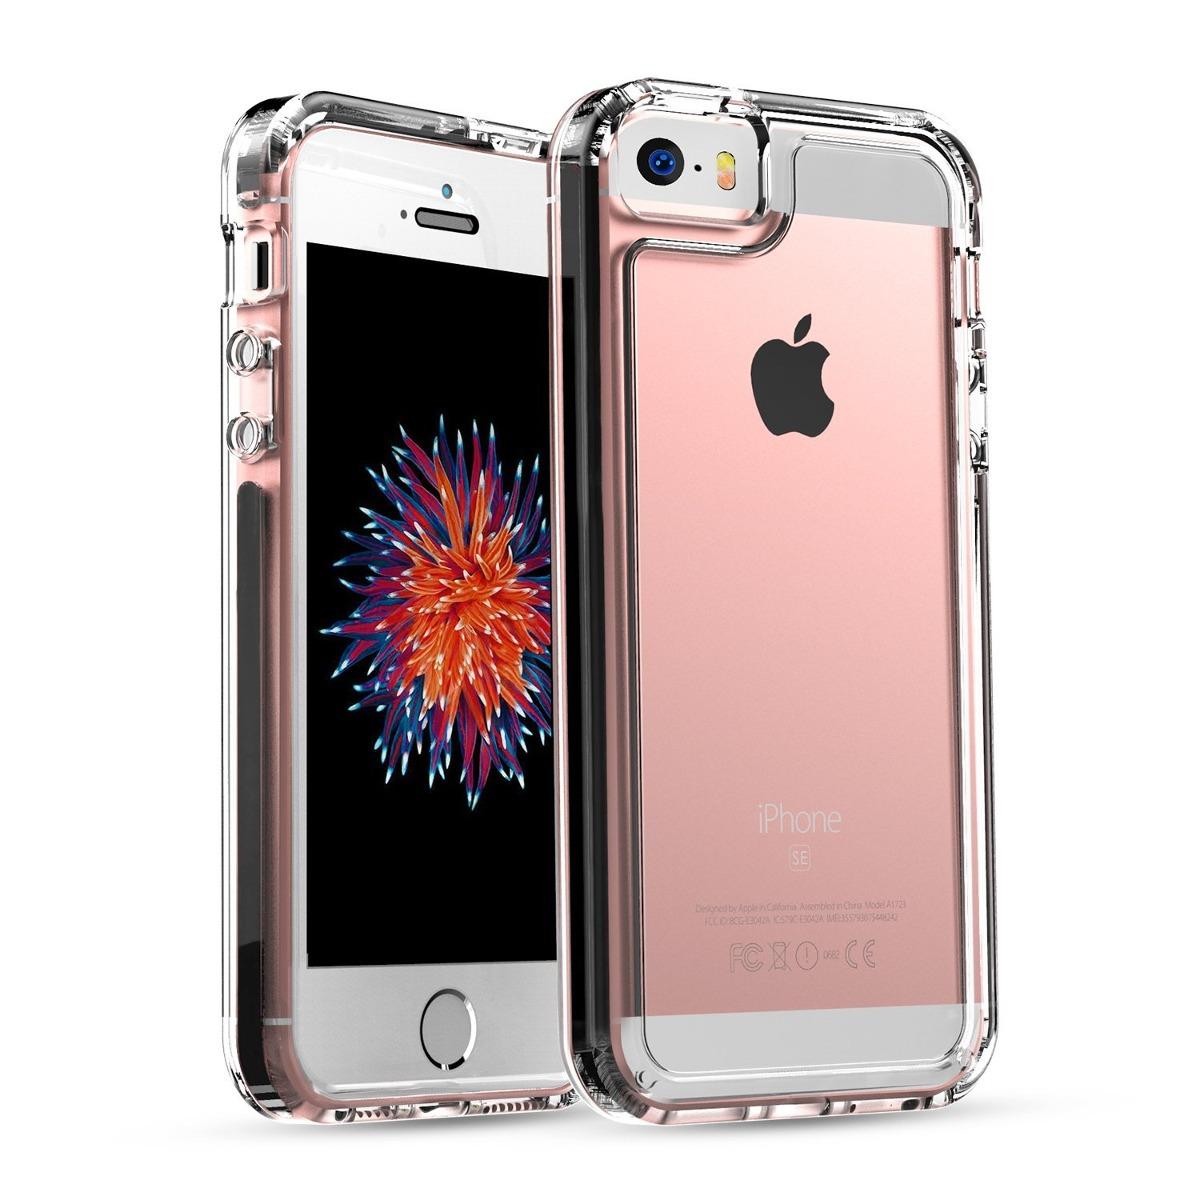 ea1750b18b0 Funda Omoton Para iPhone Se, Funda Para iPhone 5s, Funda Par ...